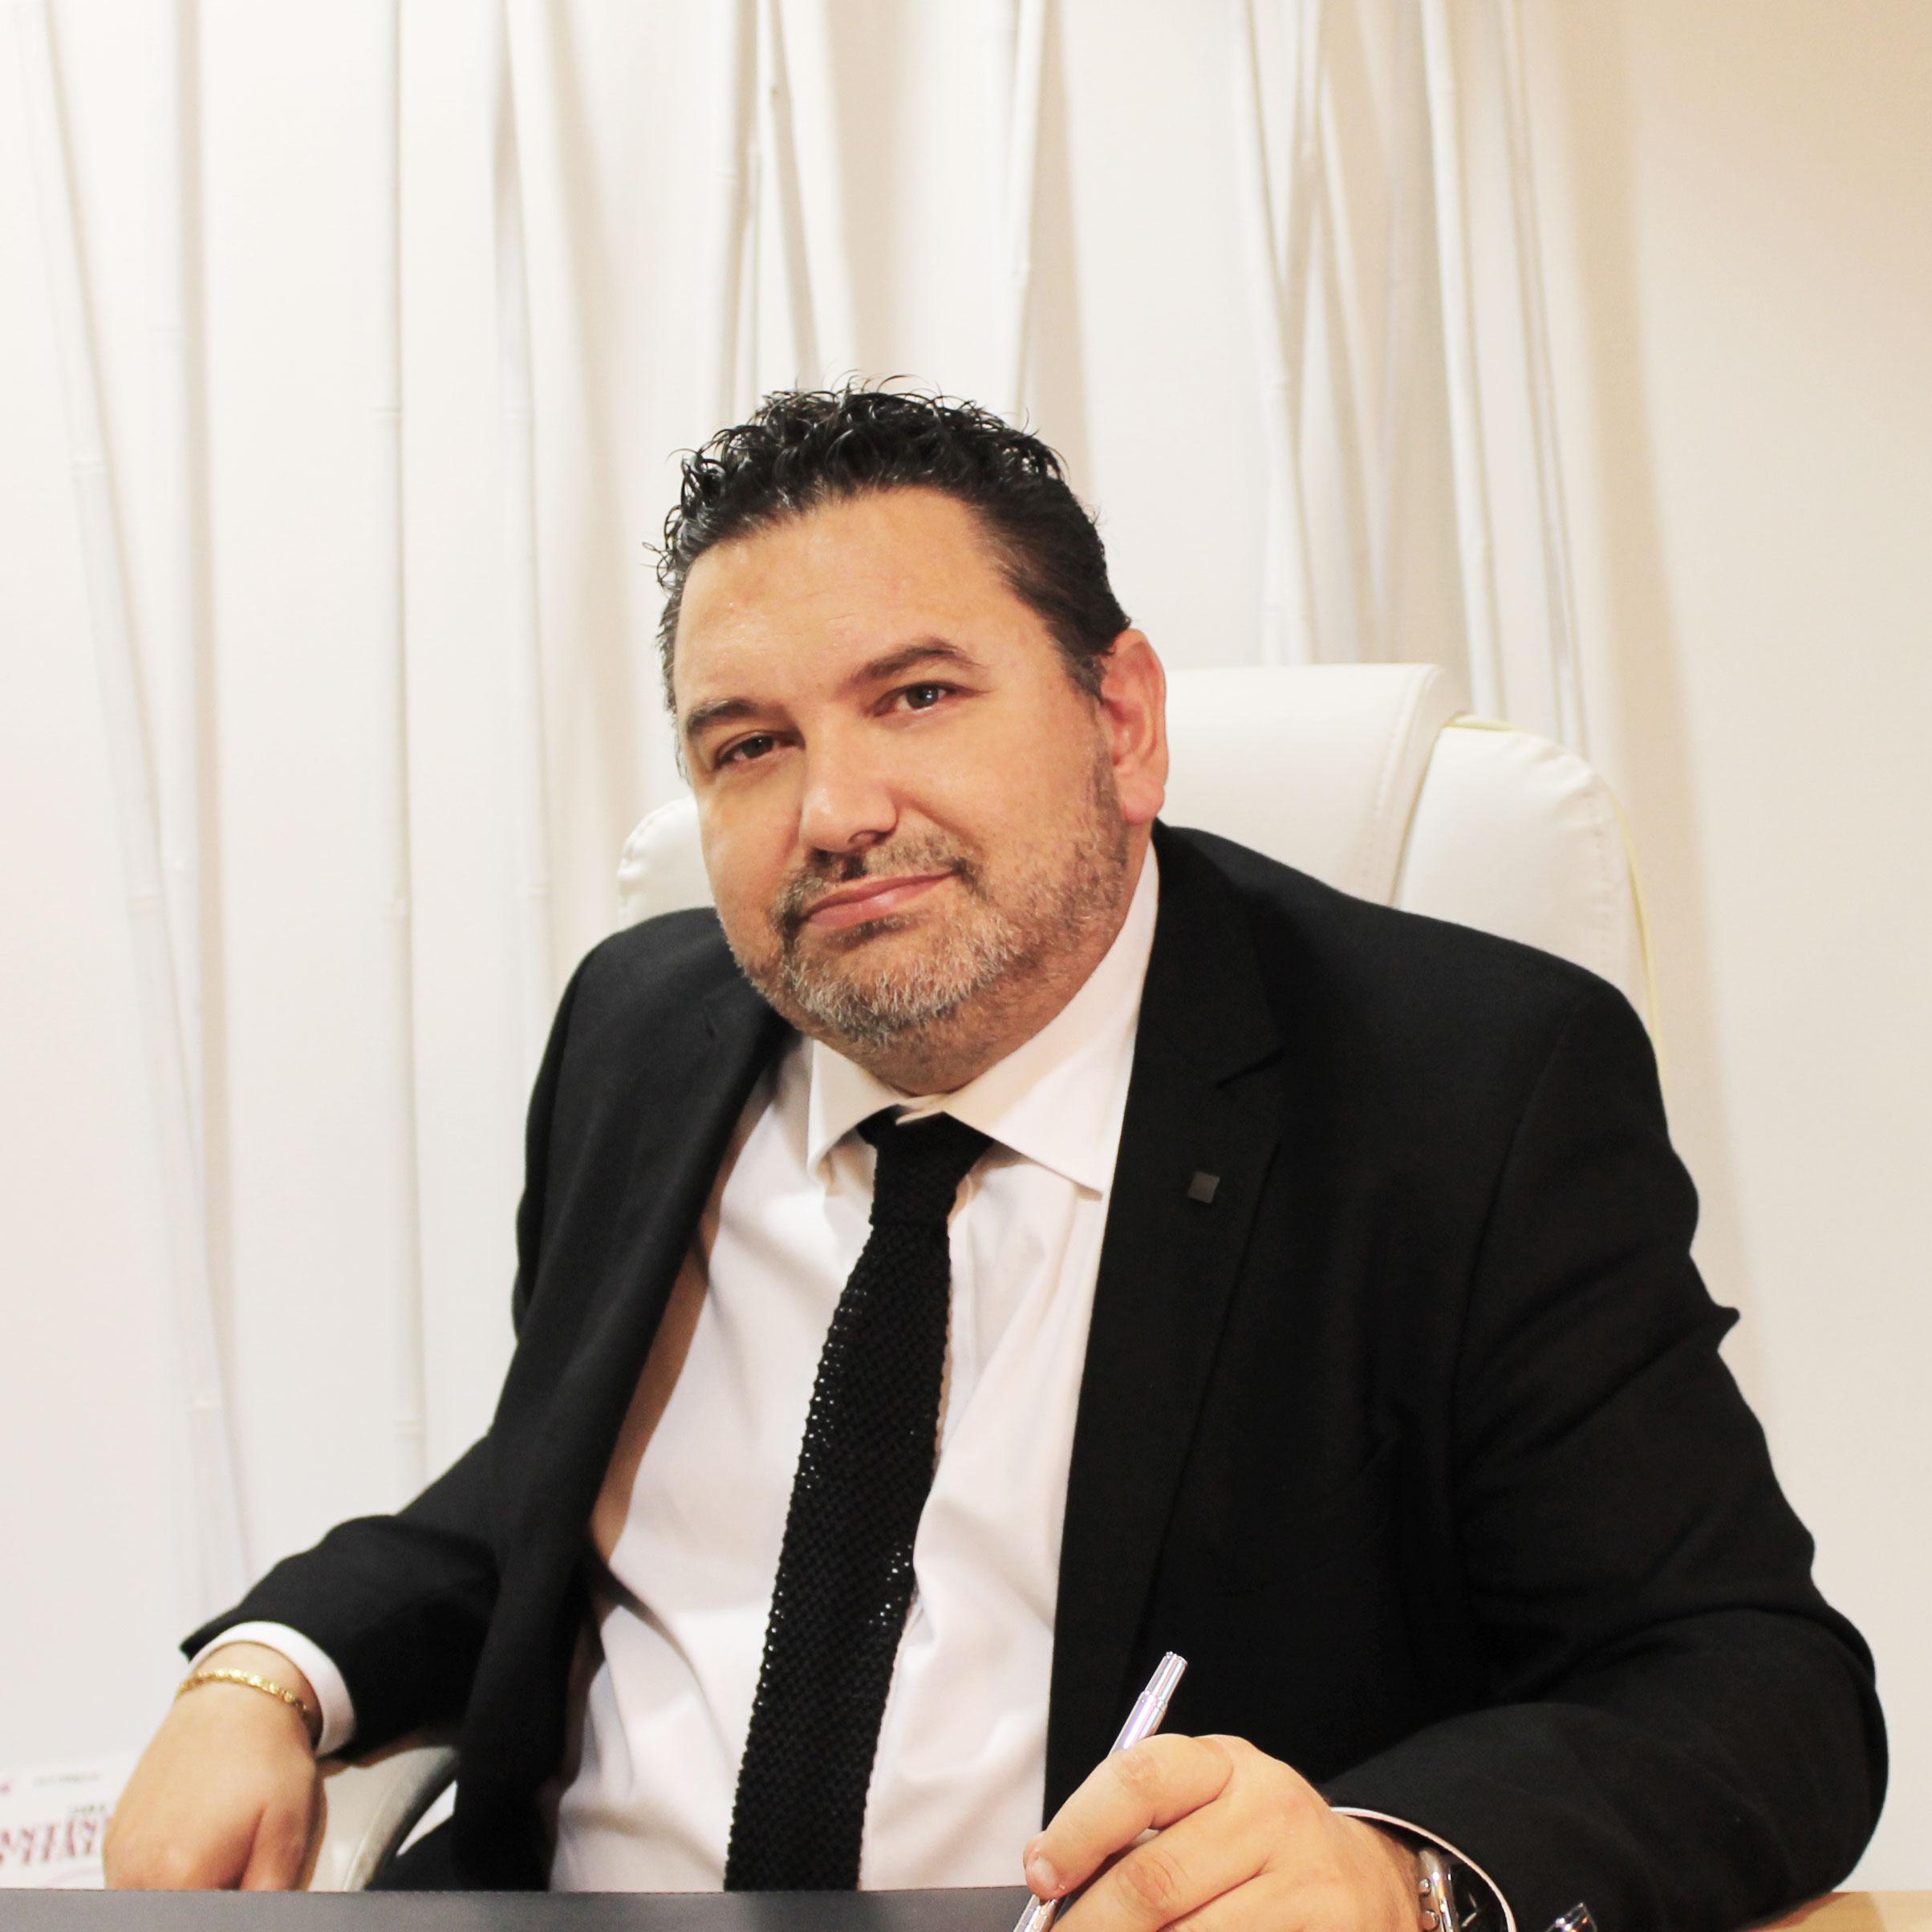 Stefano Tisi